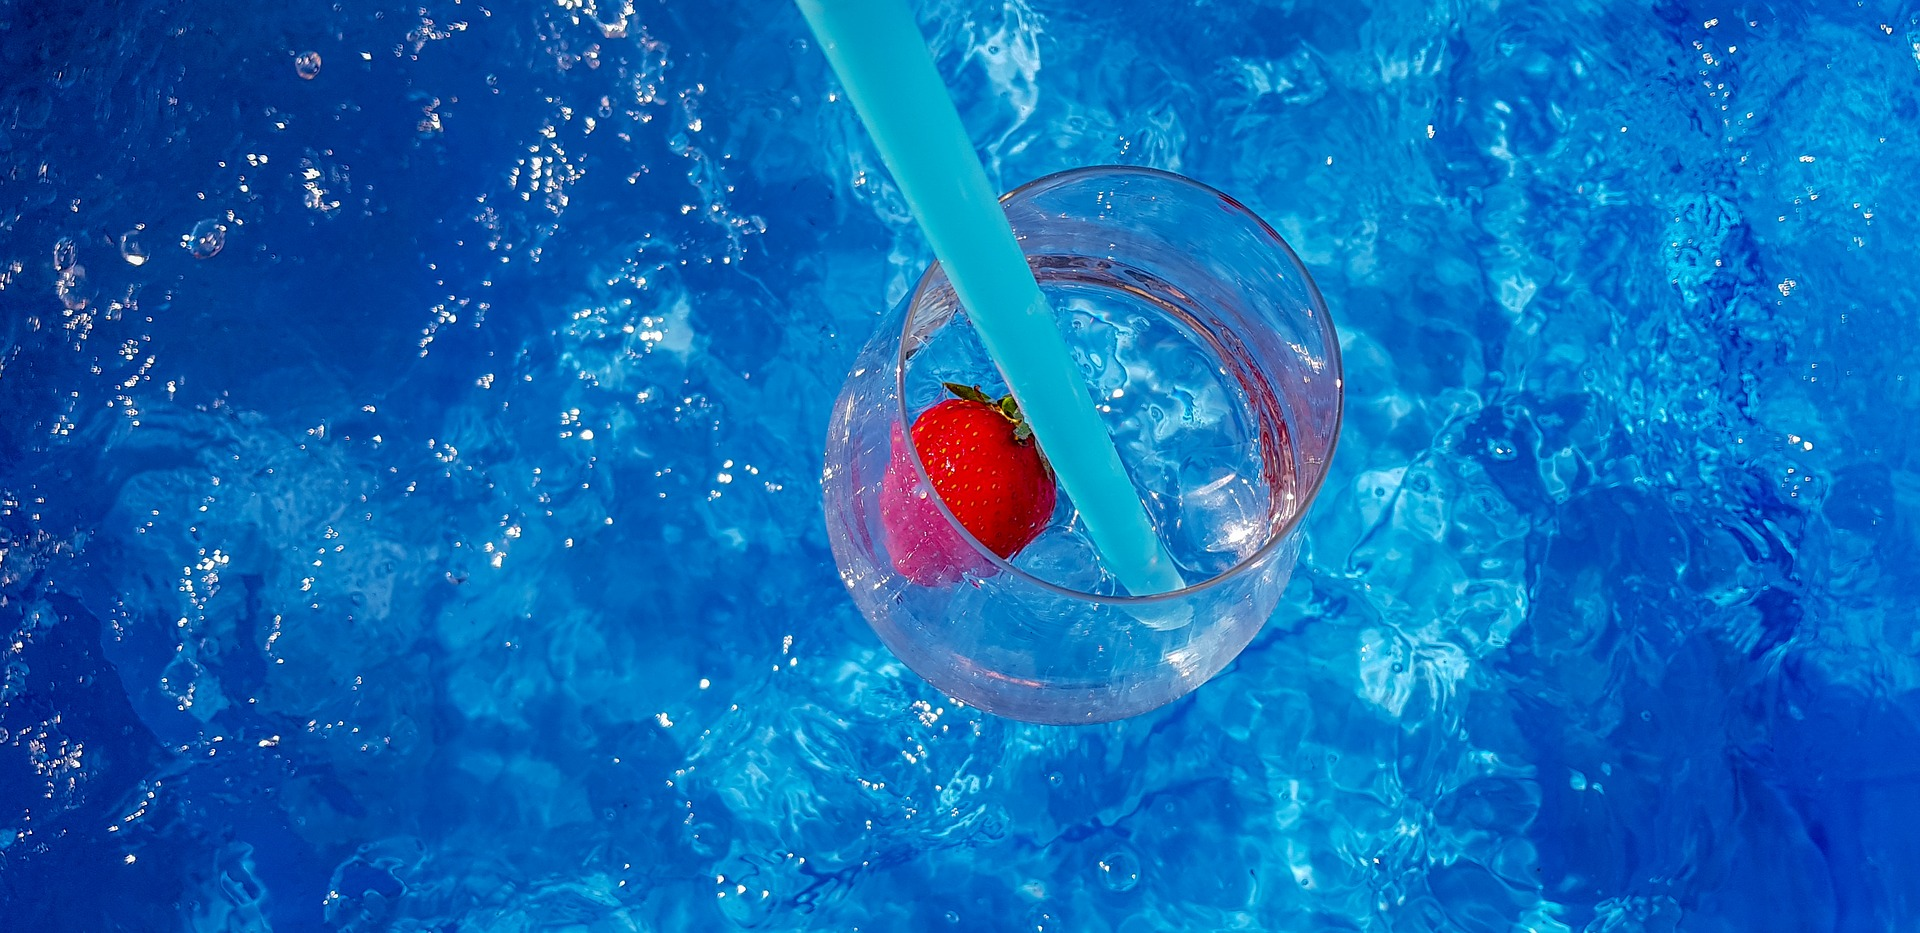 Juguetes para piscina: fiesta en la piscina